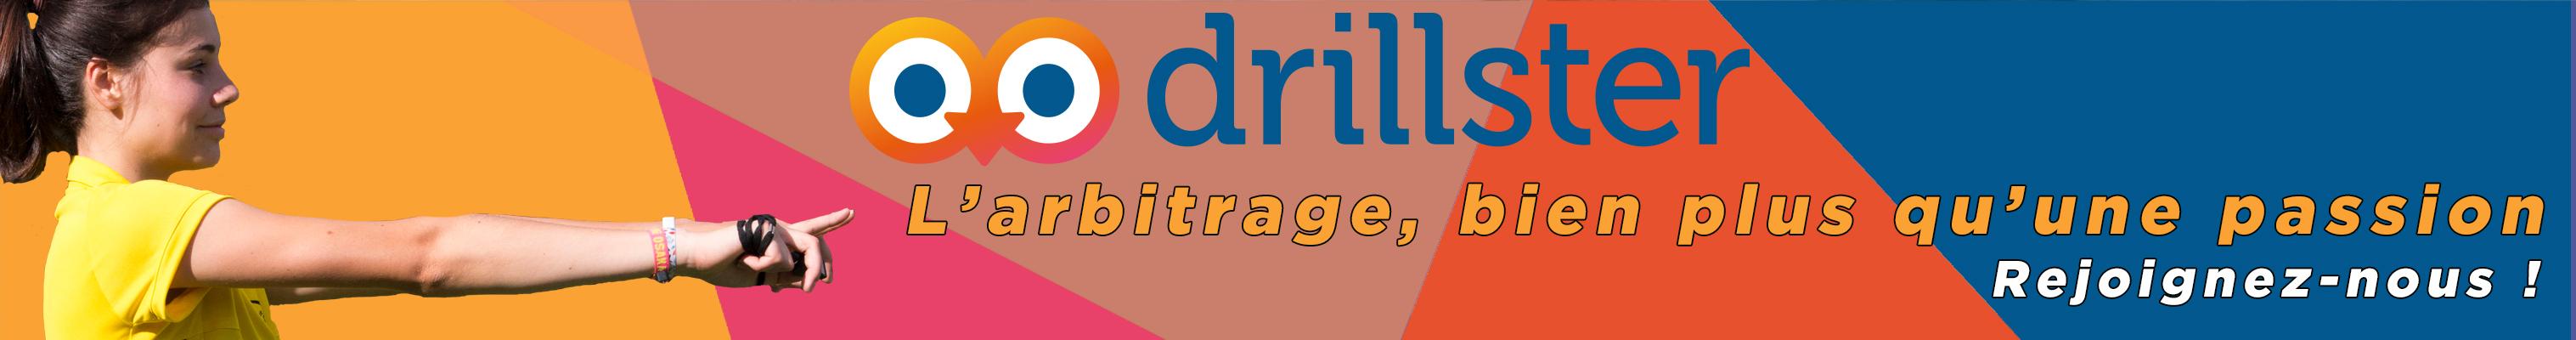 Drillster - Rejoignez nous !